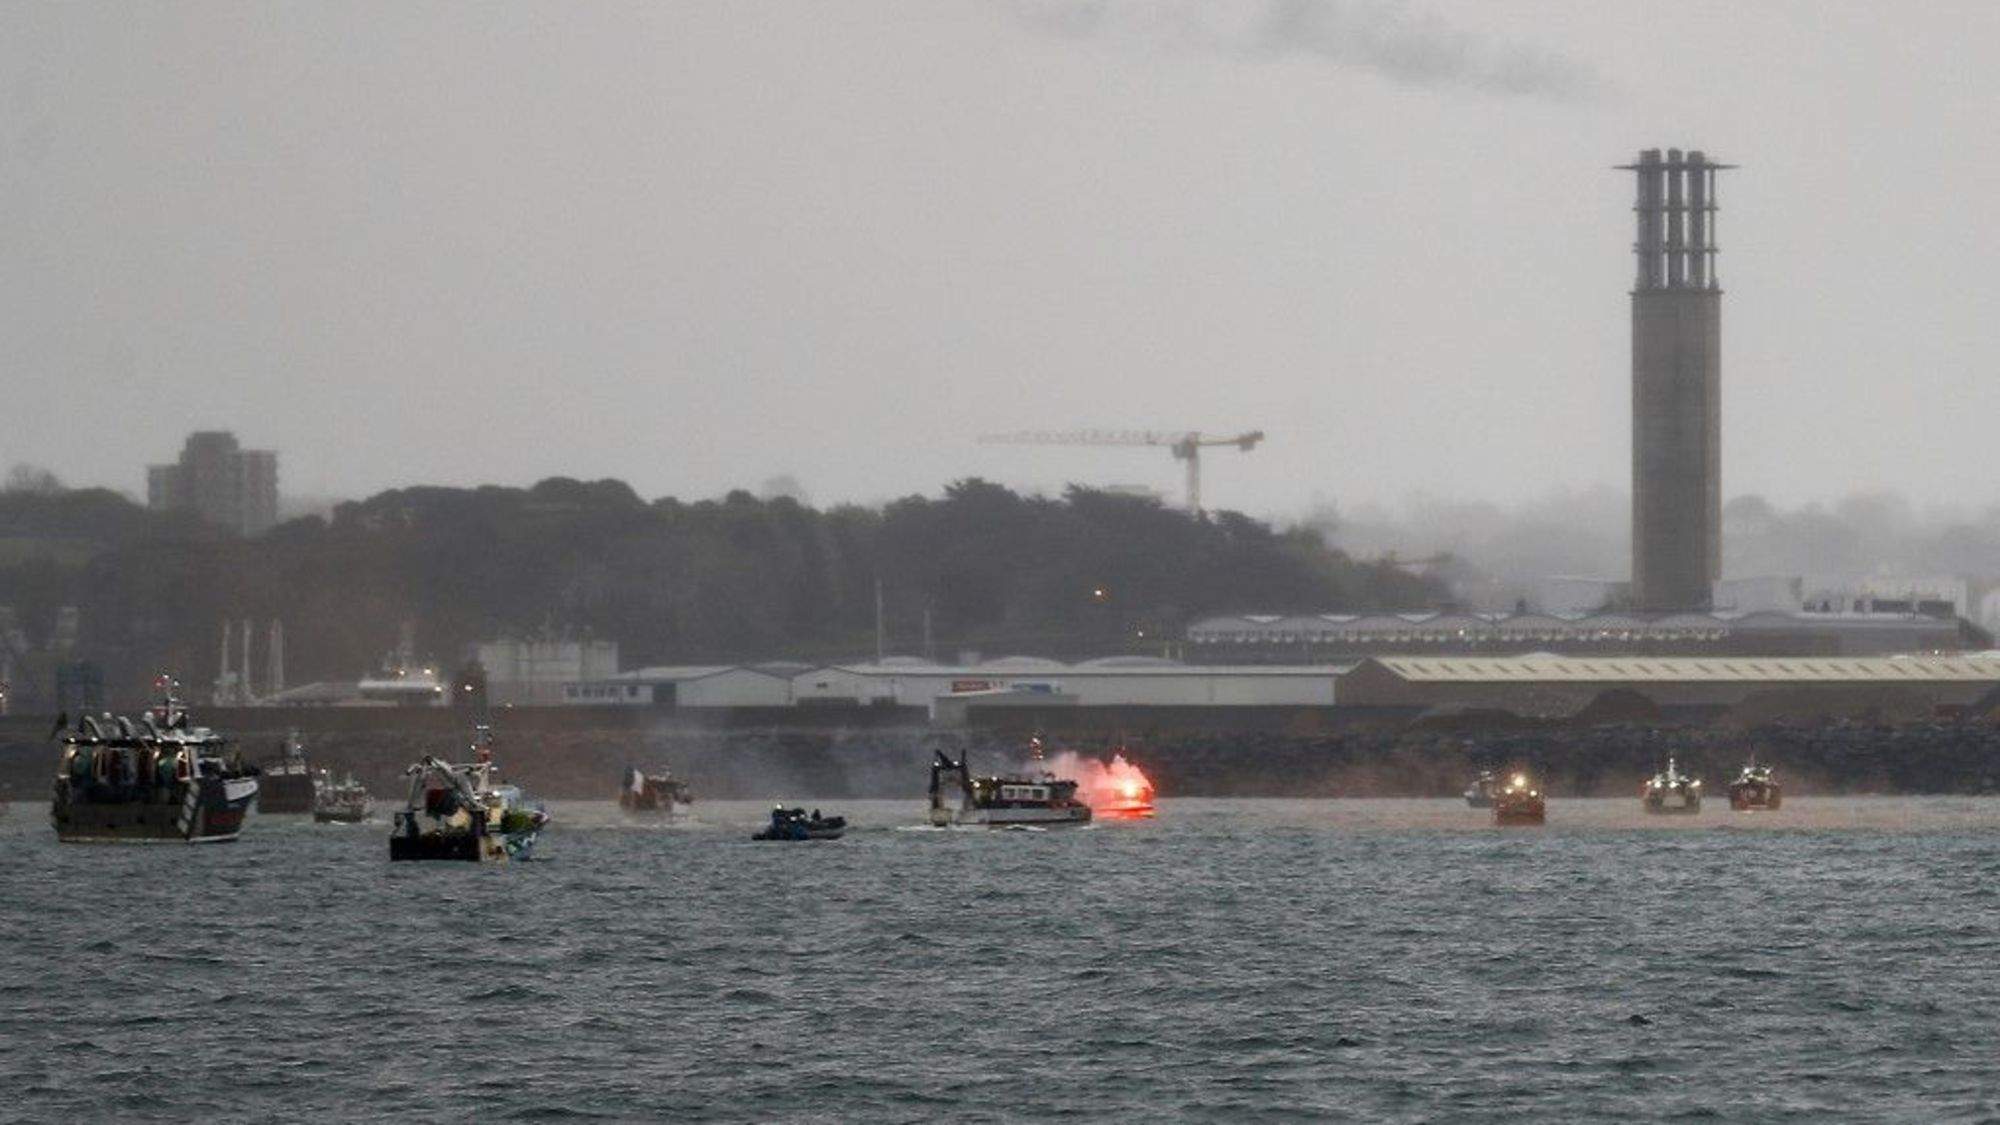 英法捕鱼风波暂时平息 泽西岛水域临时执照延期3个月